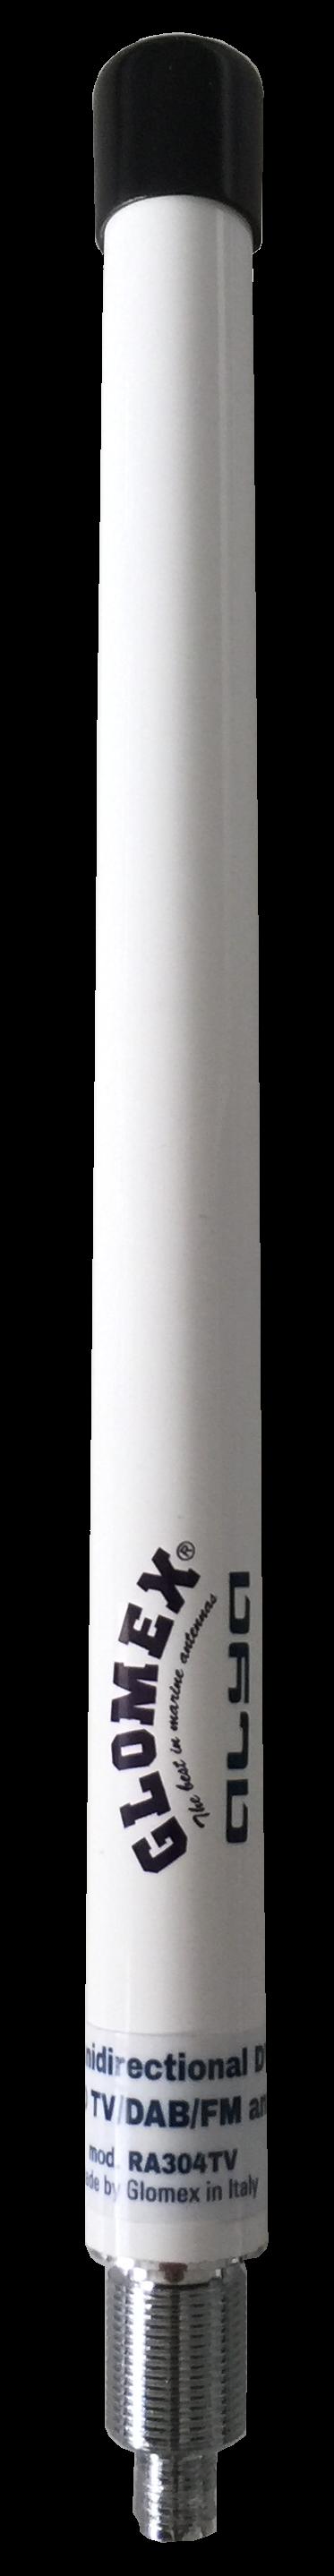 Glomex RA304TV Antenne für TV und DAB